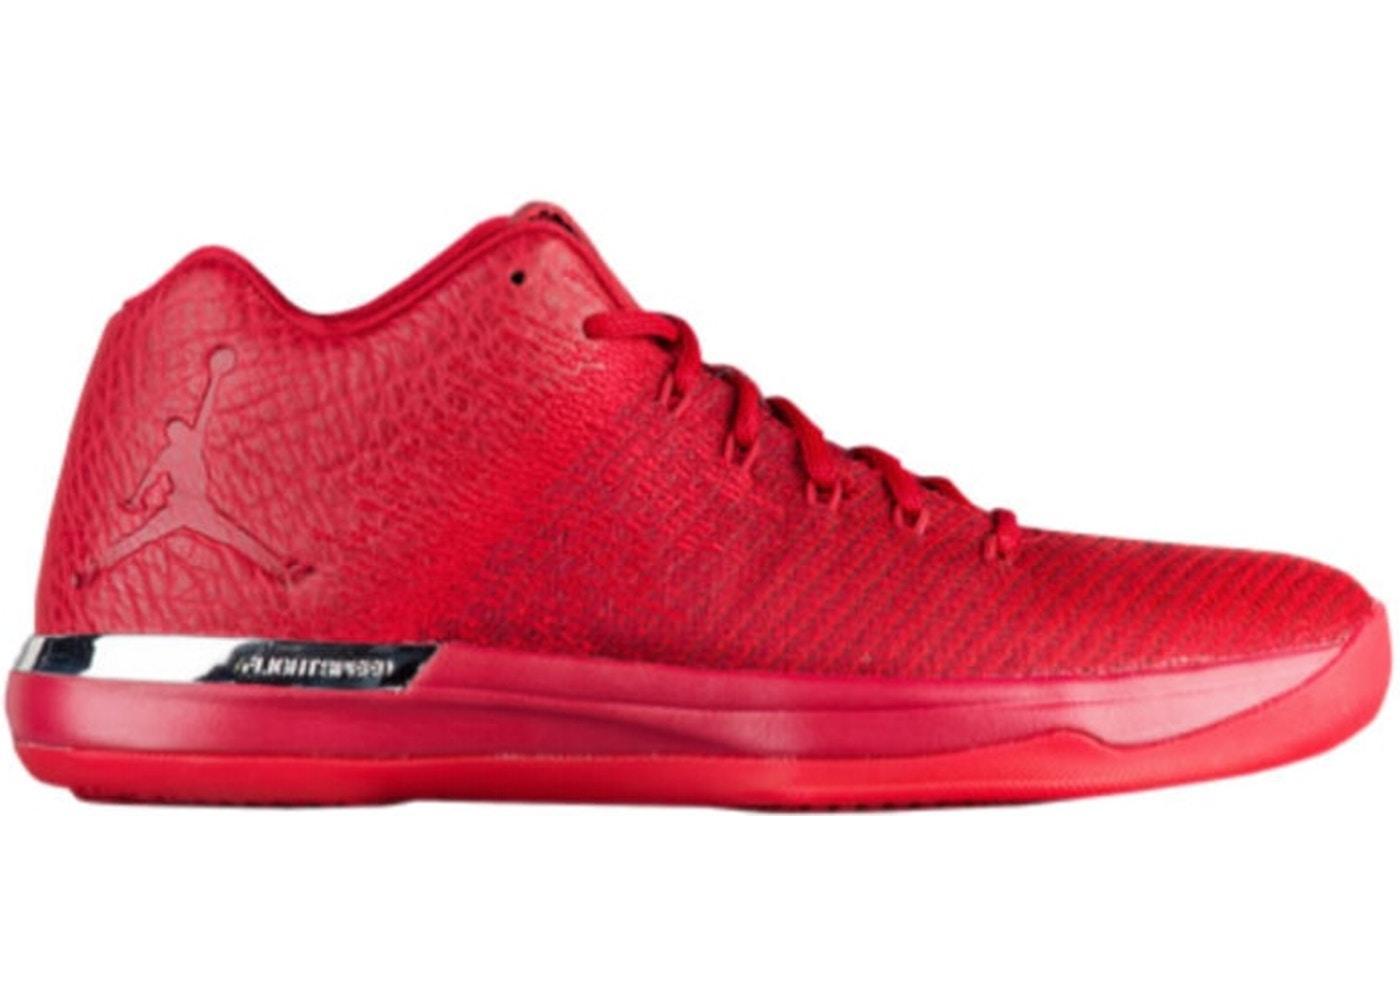 5a7cbf3b09ad Air Jordan 31 Shoes - Release Date